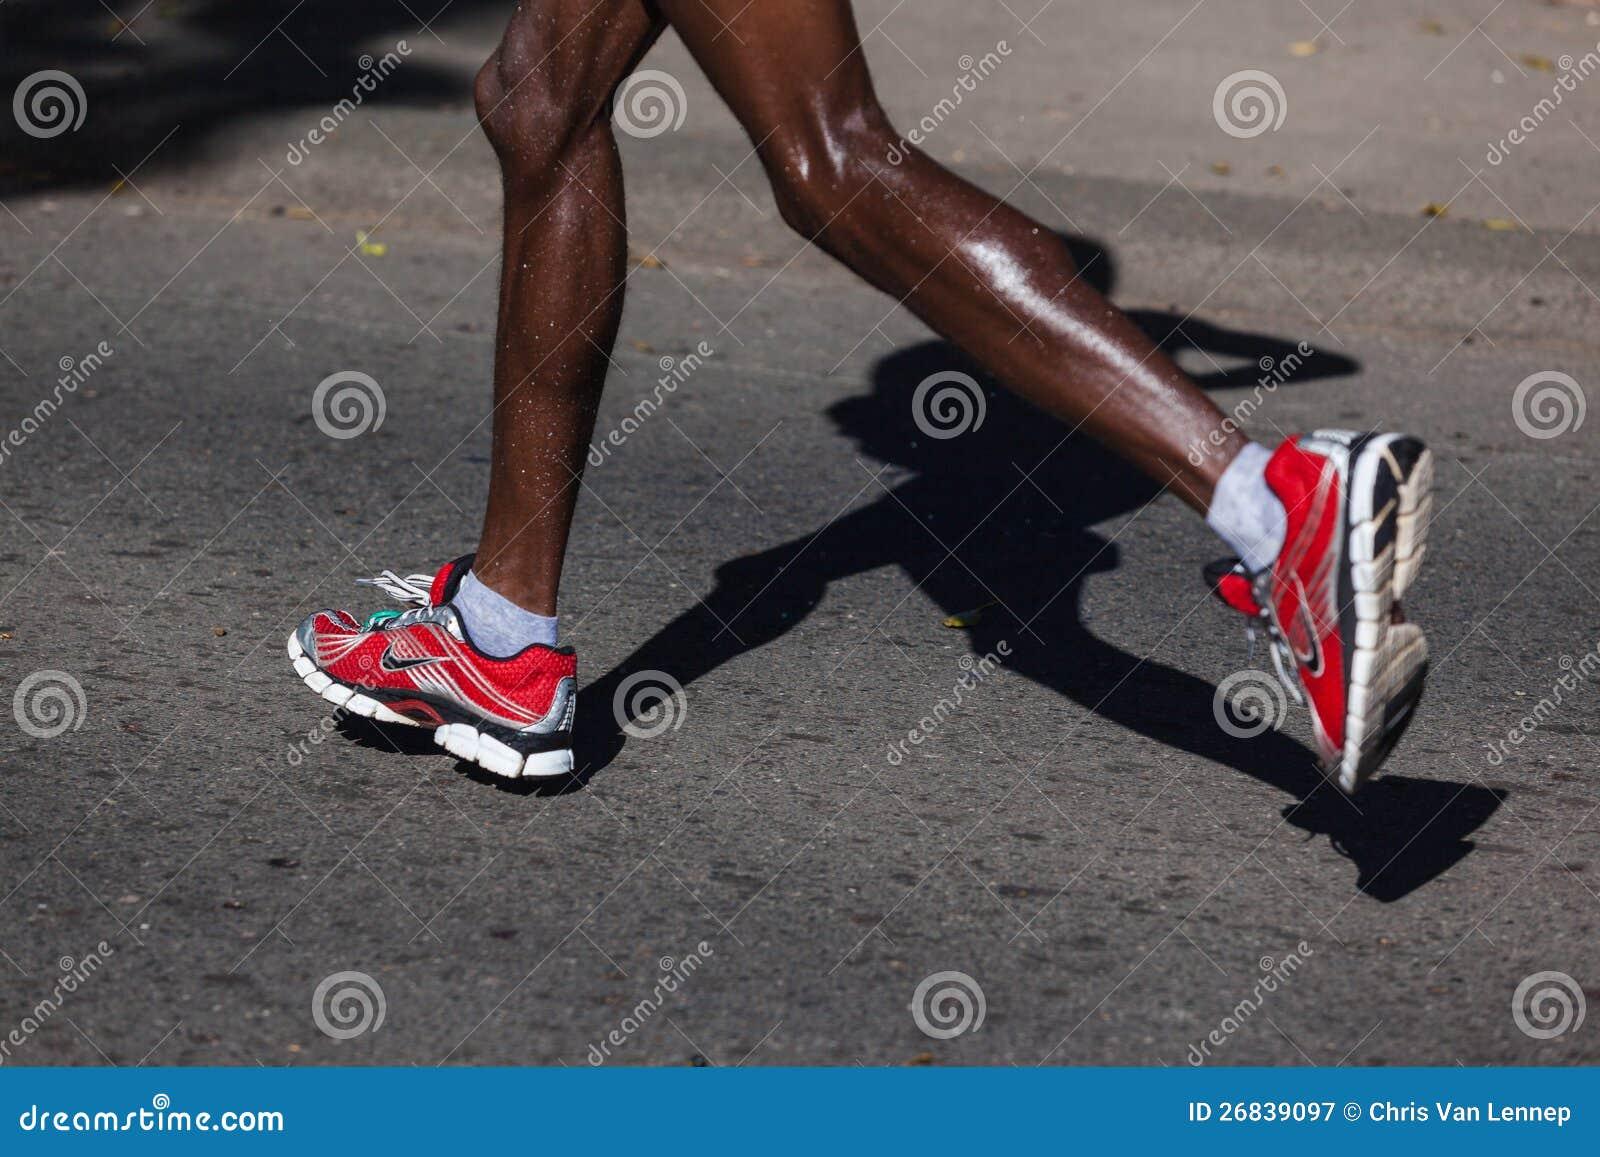 Immagine della foto dei pattini dei corridori di maratona dei camerati 35e8747c409